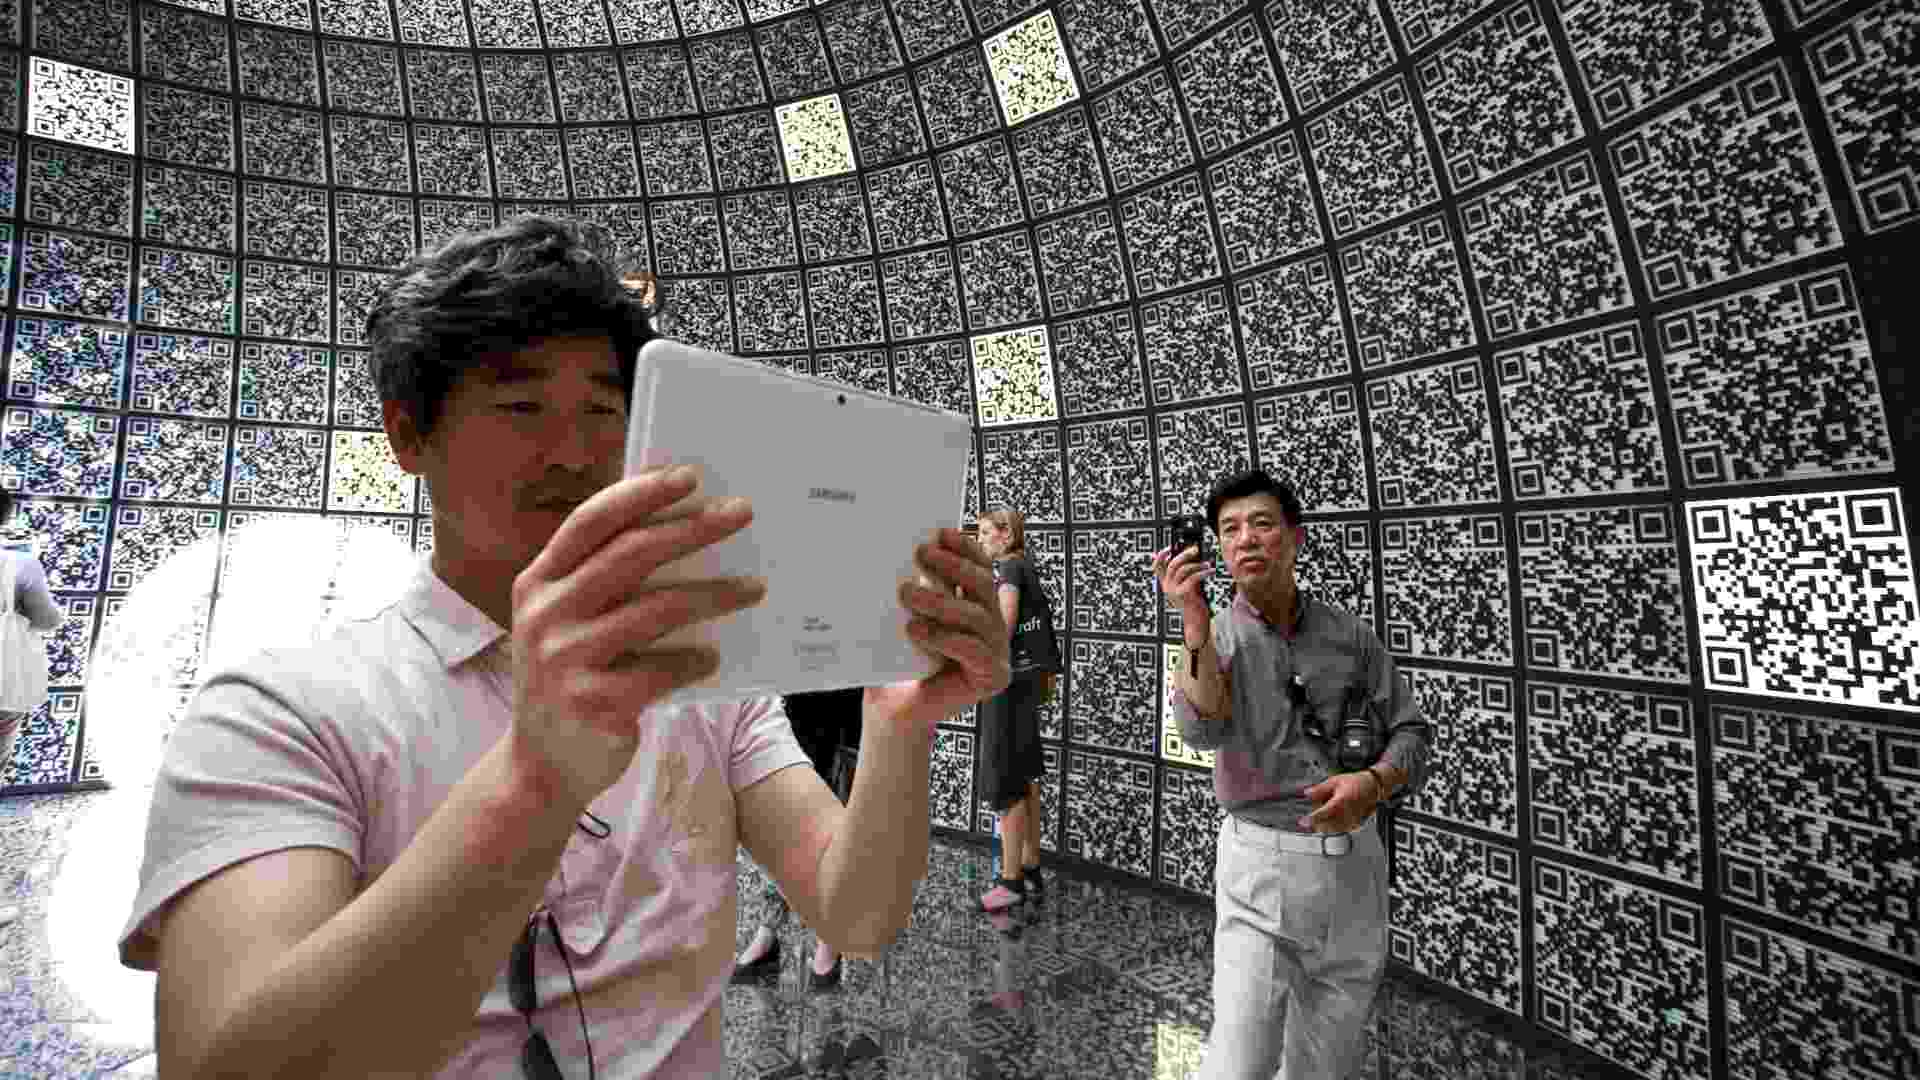 O Pavilhão Russo, da 13ª Bienal Internacional de Arquitetura de Veneza (2012) (Imagem cedida para material específico, usar somente no respectivo conteúdo) - Francesco Galli/ Cortesia la Biennale di Venezia/ Divulgação